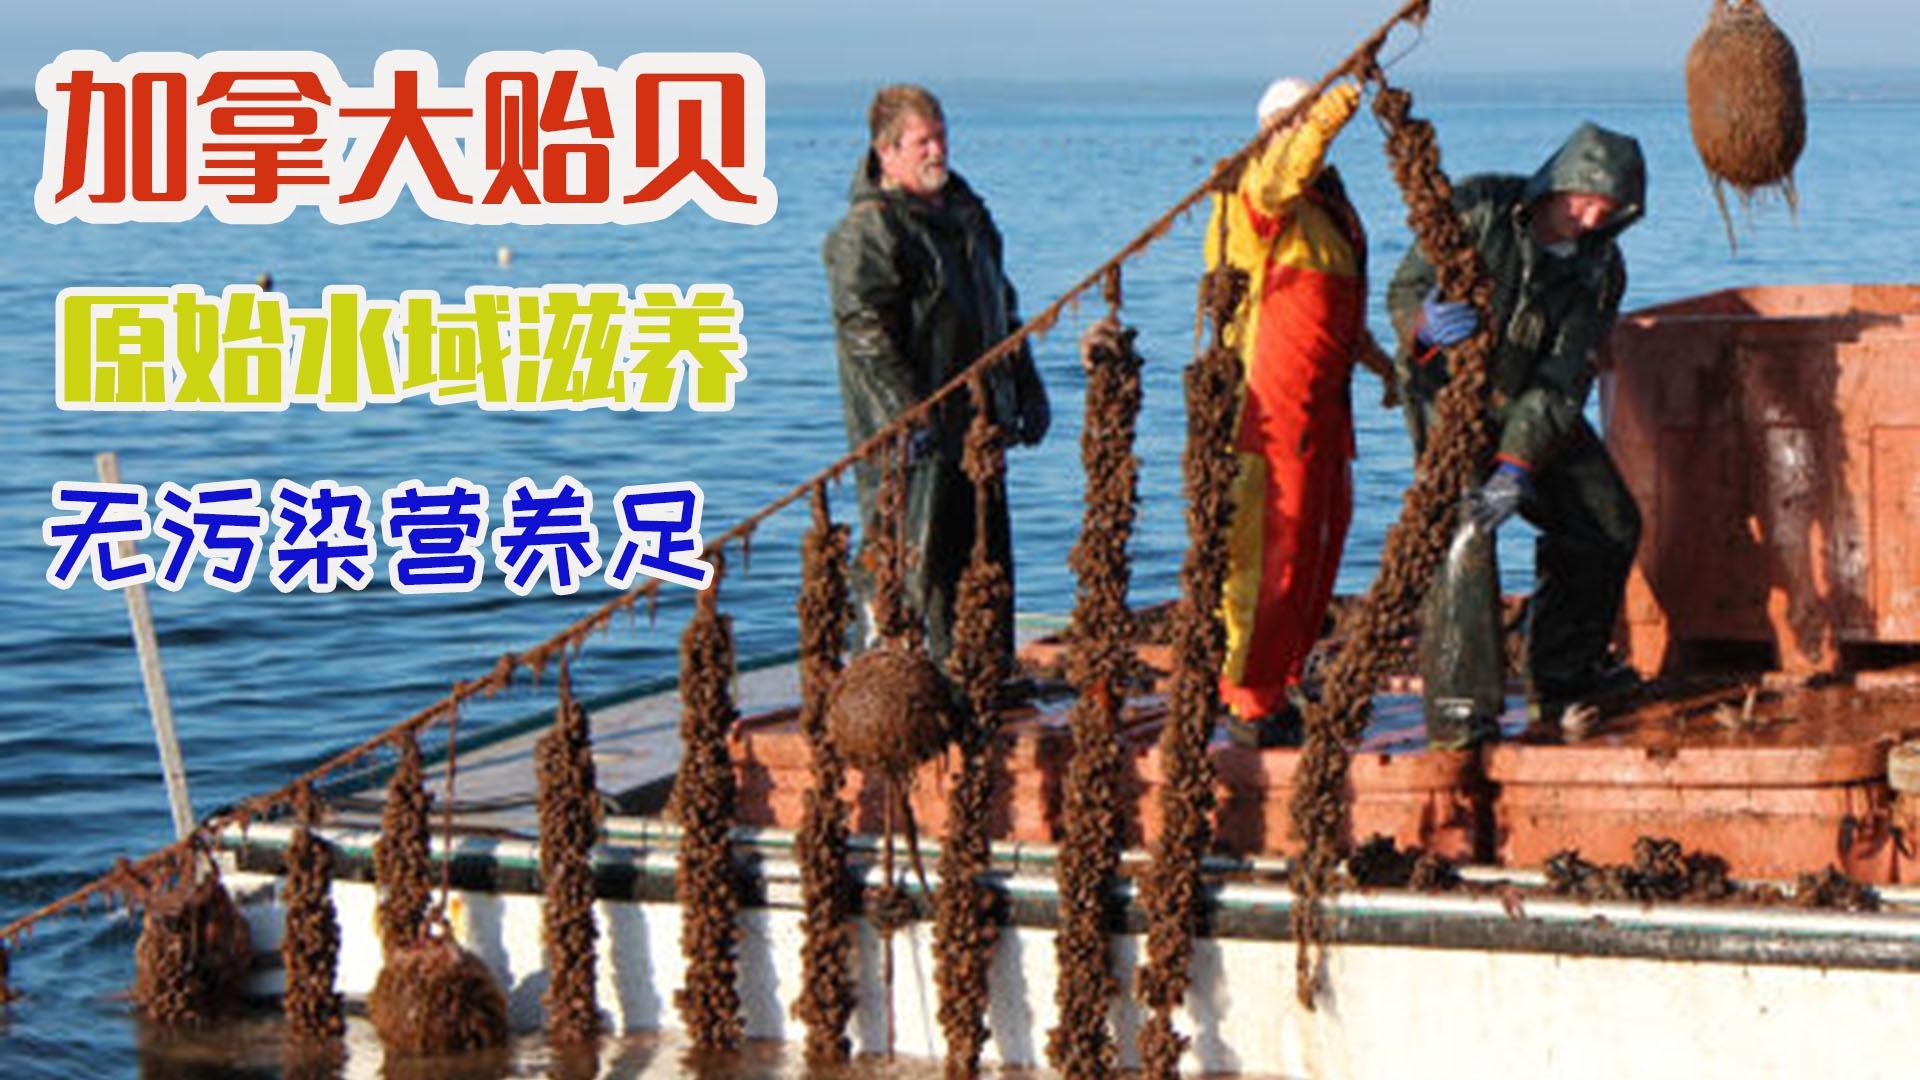 用绳索采收成吨加拿大贻贝,原始海水养殖无污染肉质肥美!